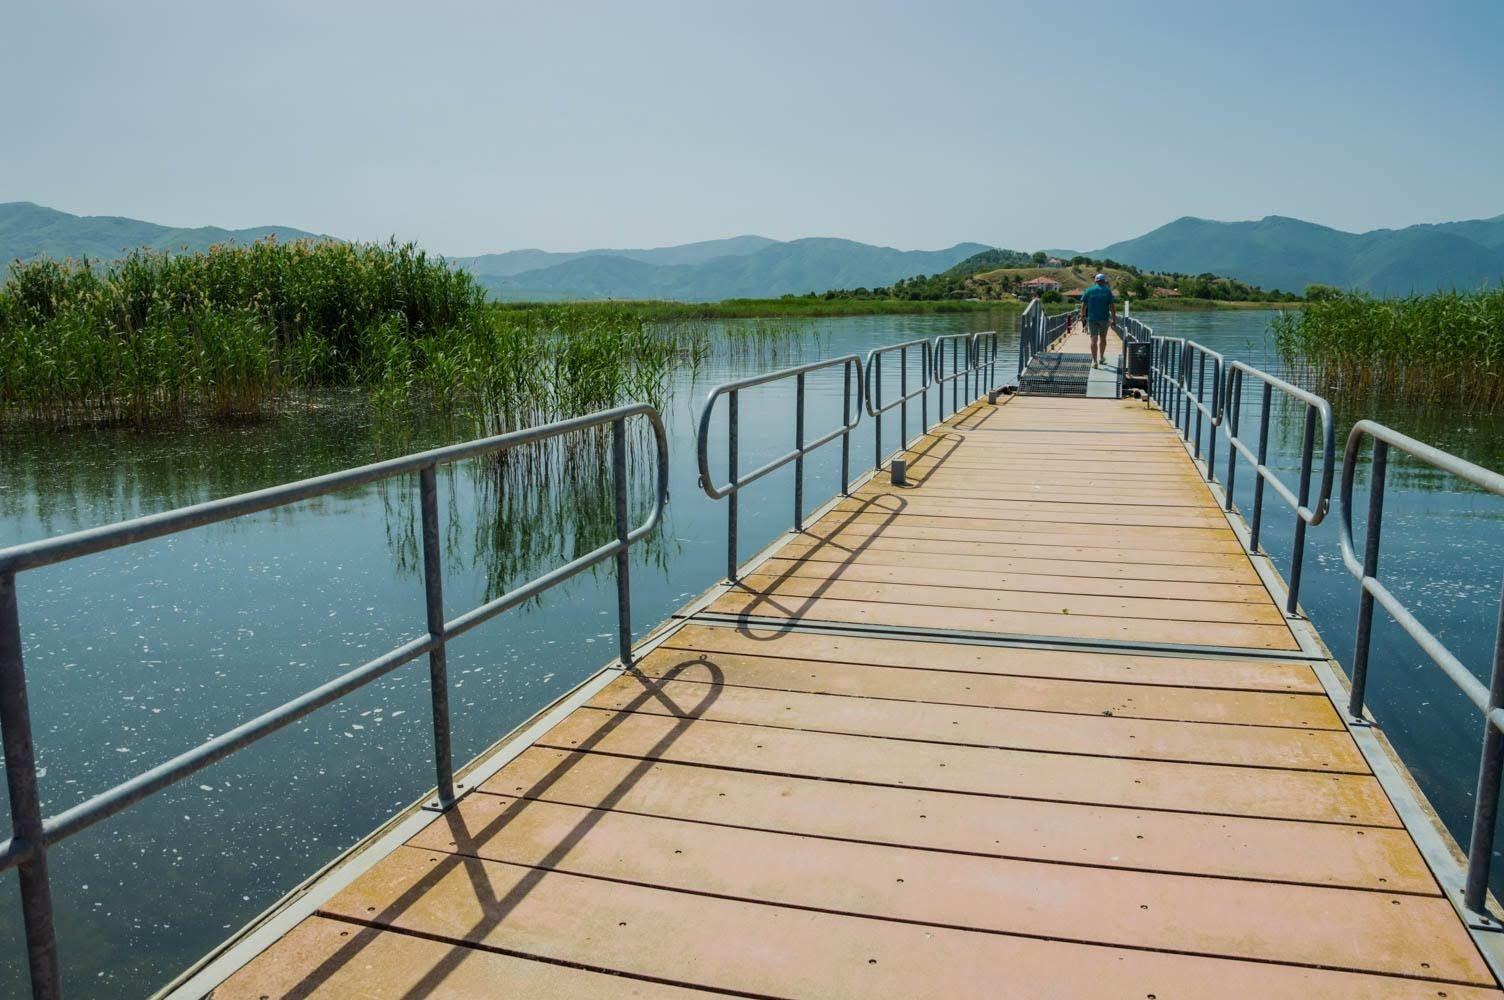 Мостът към остров Свети Ахил в Малкото Преспанско езеро, където се намира едноименната базилика, в която е открит гробът на цар Самуил.